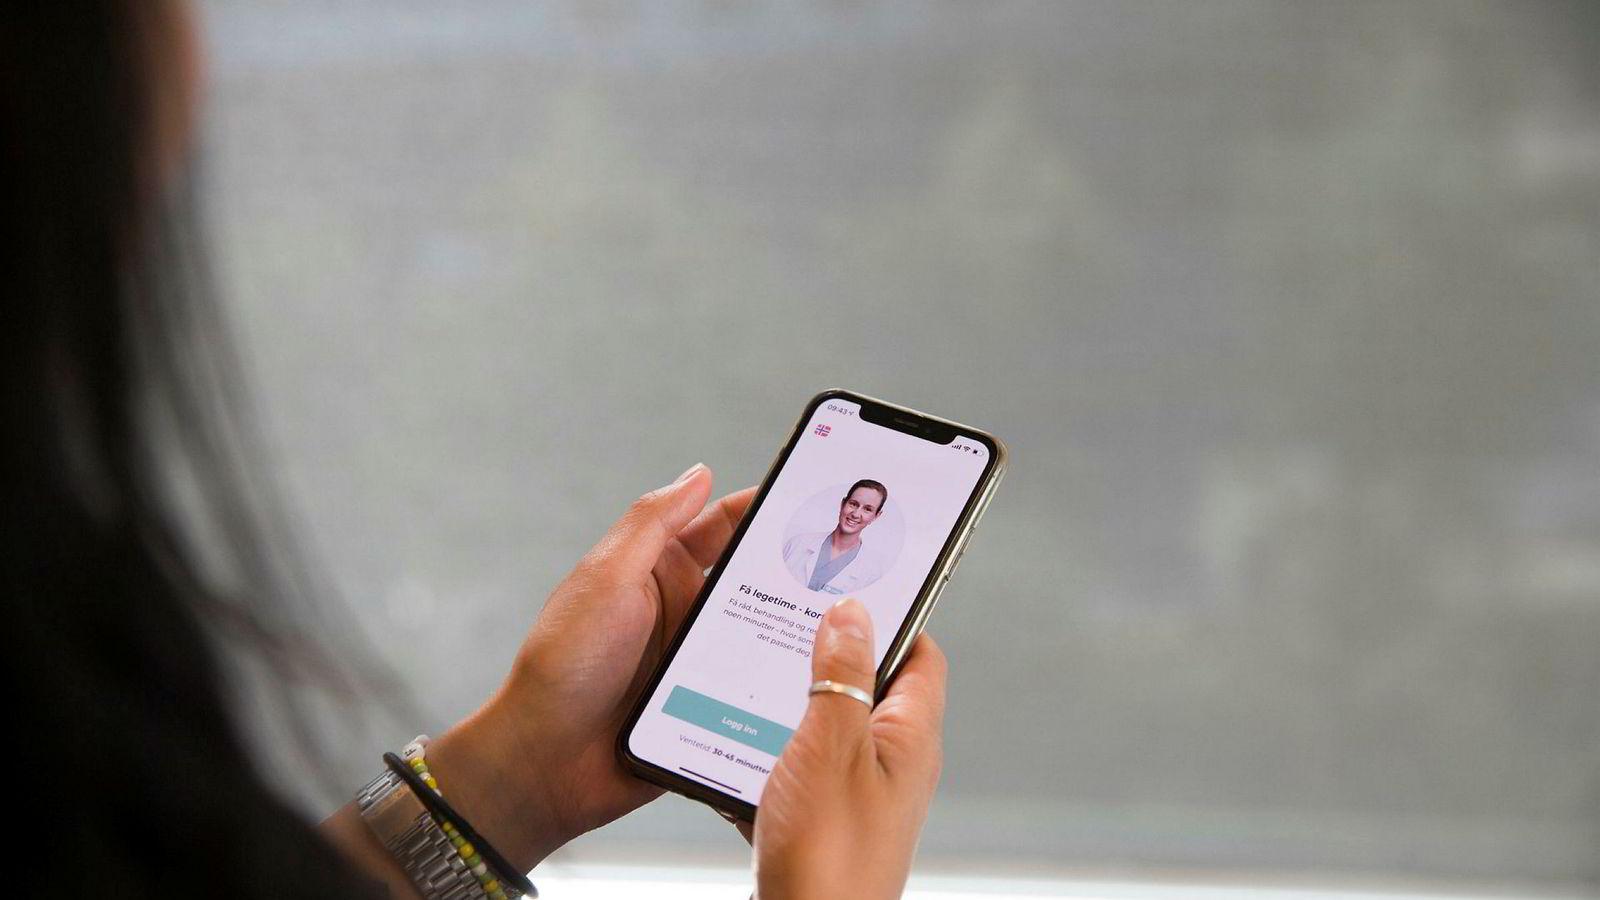 Nye digitale helsetjenester som appen Kry gjør det enklere å spare tid på legebesøket. De svakeste pasientene vil tape på inndelingen mellom et privat og offentlig helsevesen, skriver innleggsforfatterne.